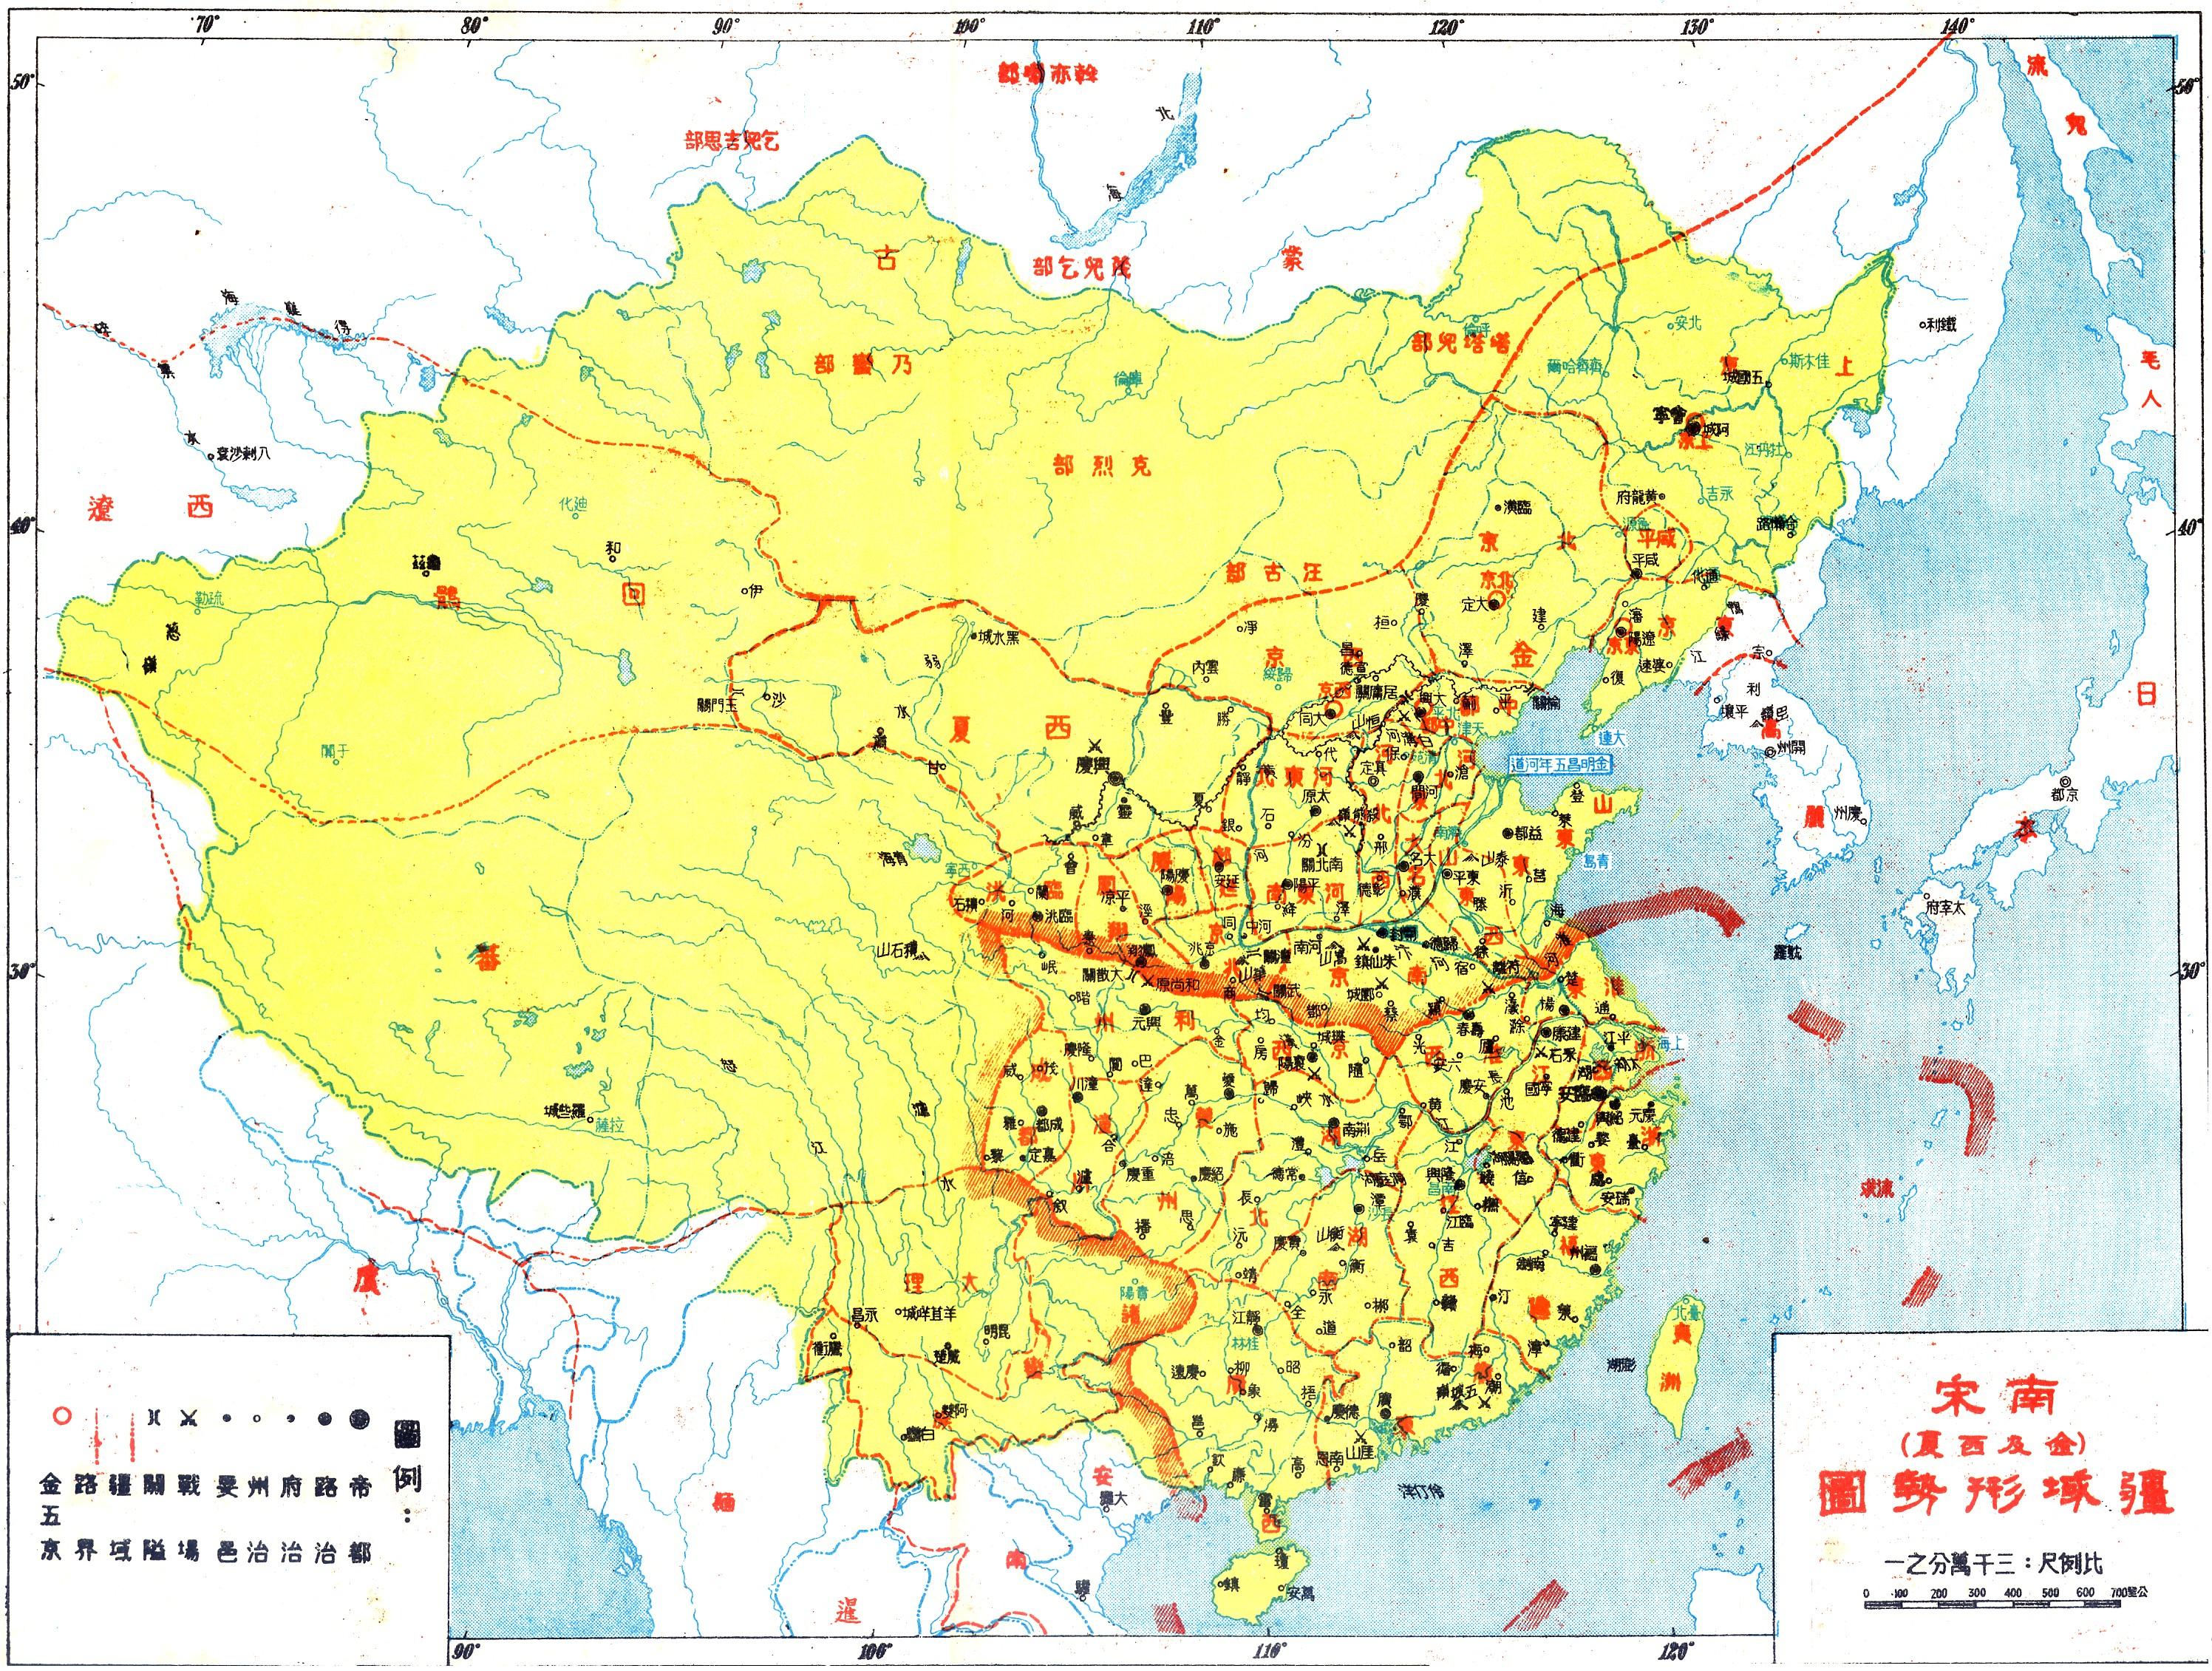 南宋(金及西夏)疆域形势图